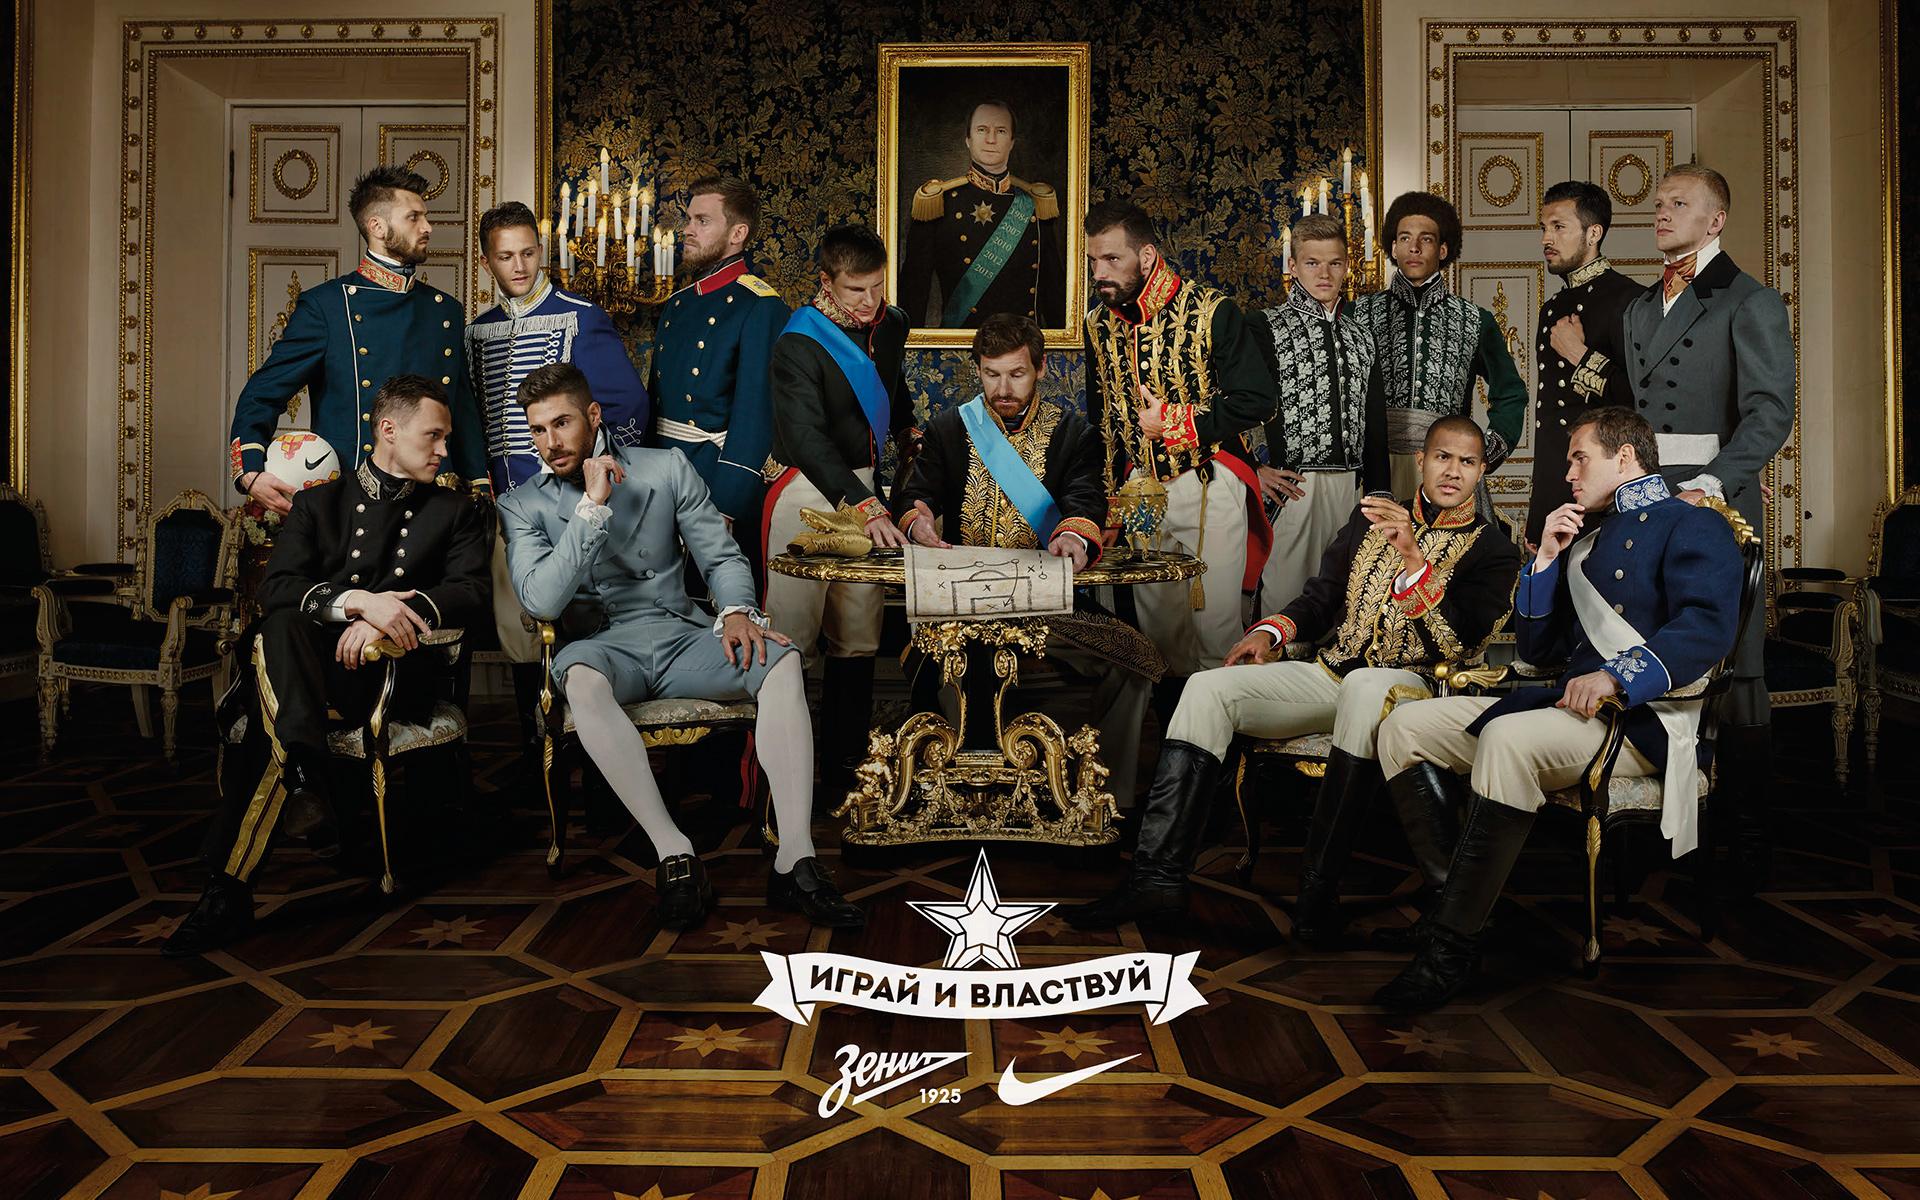 Современная жизнь итальянской аристократии фото